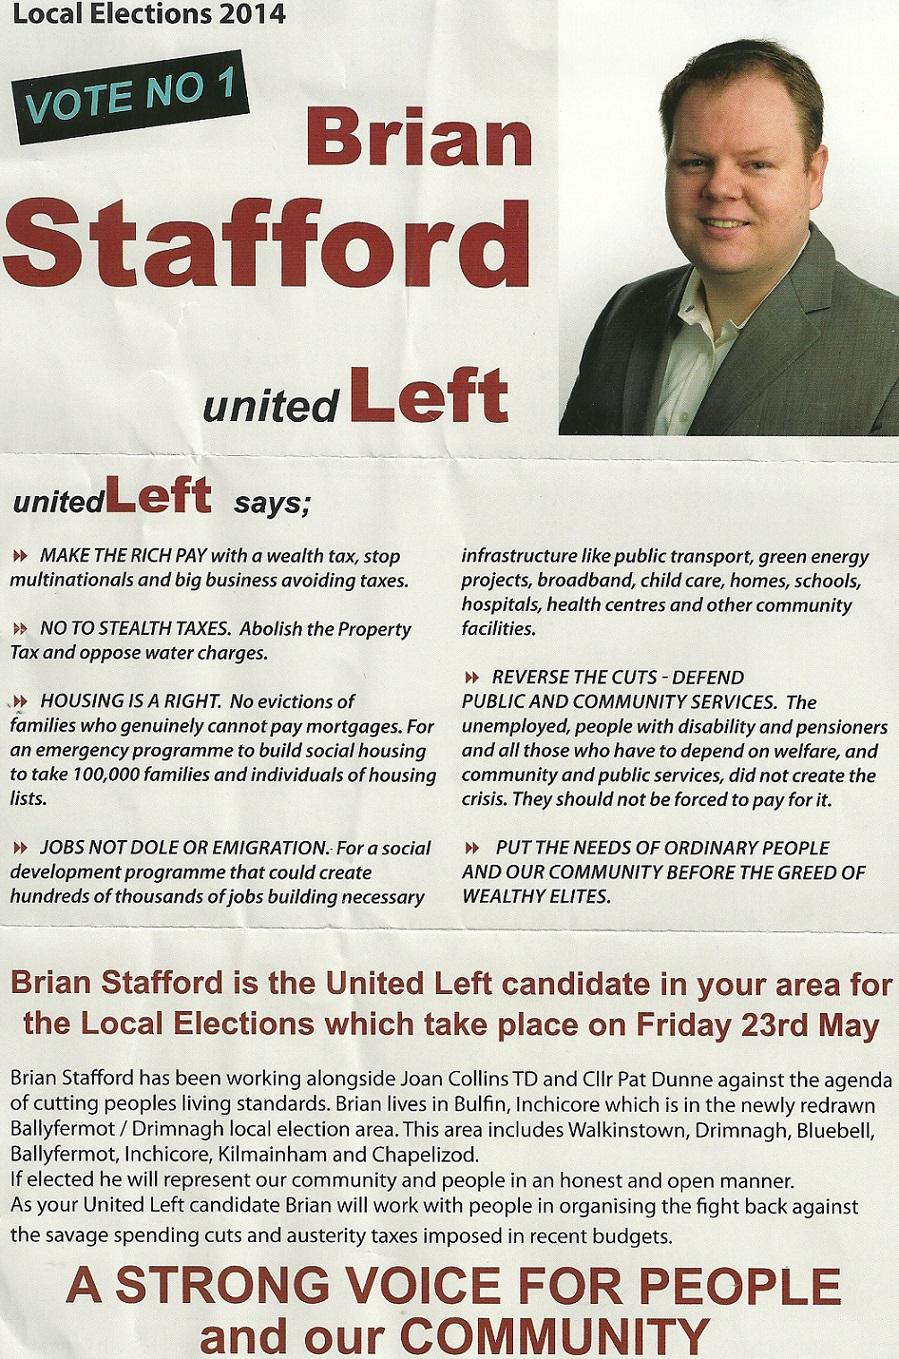 bstafford1